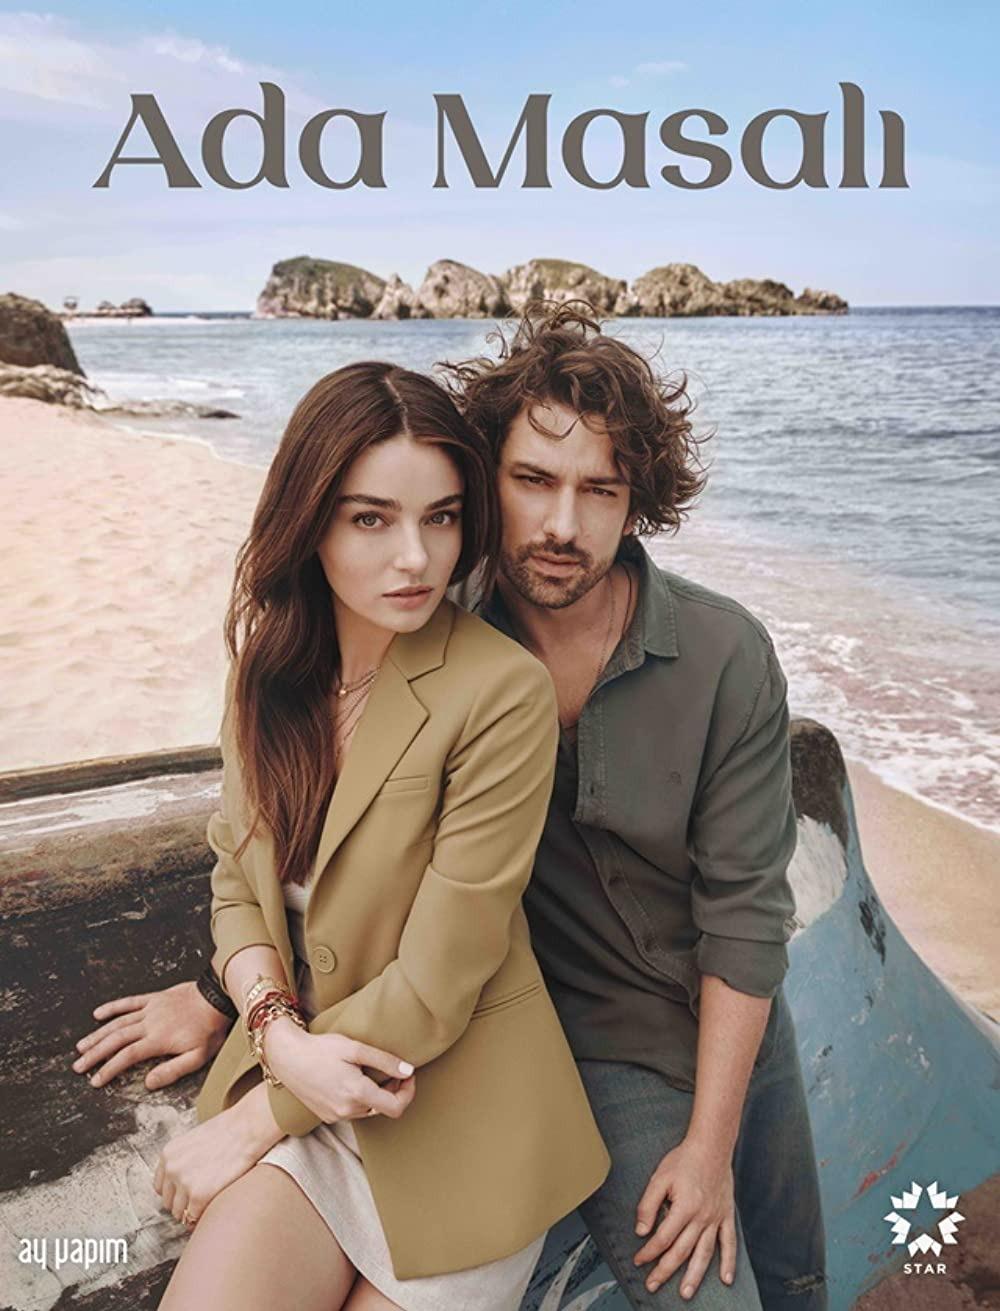 ზღაპარი კუნძულზე / Bir Ada Masali